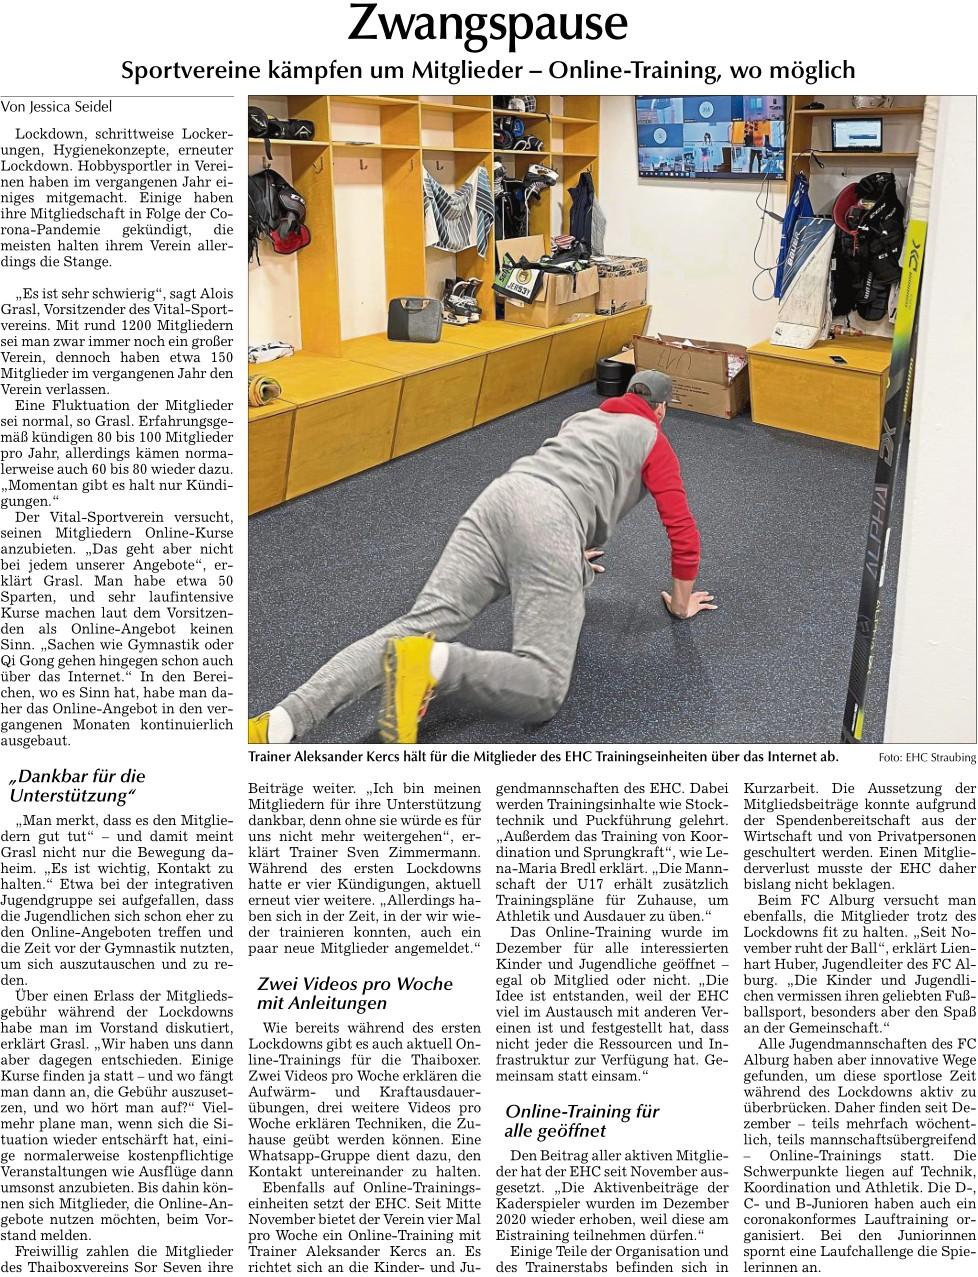 Zwangspause, Berichterstattung Straubinger Tagblatt von Jessica Seidel